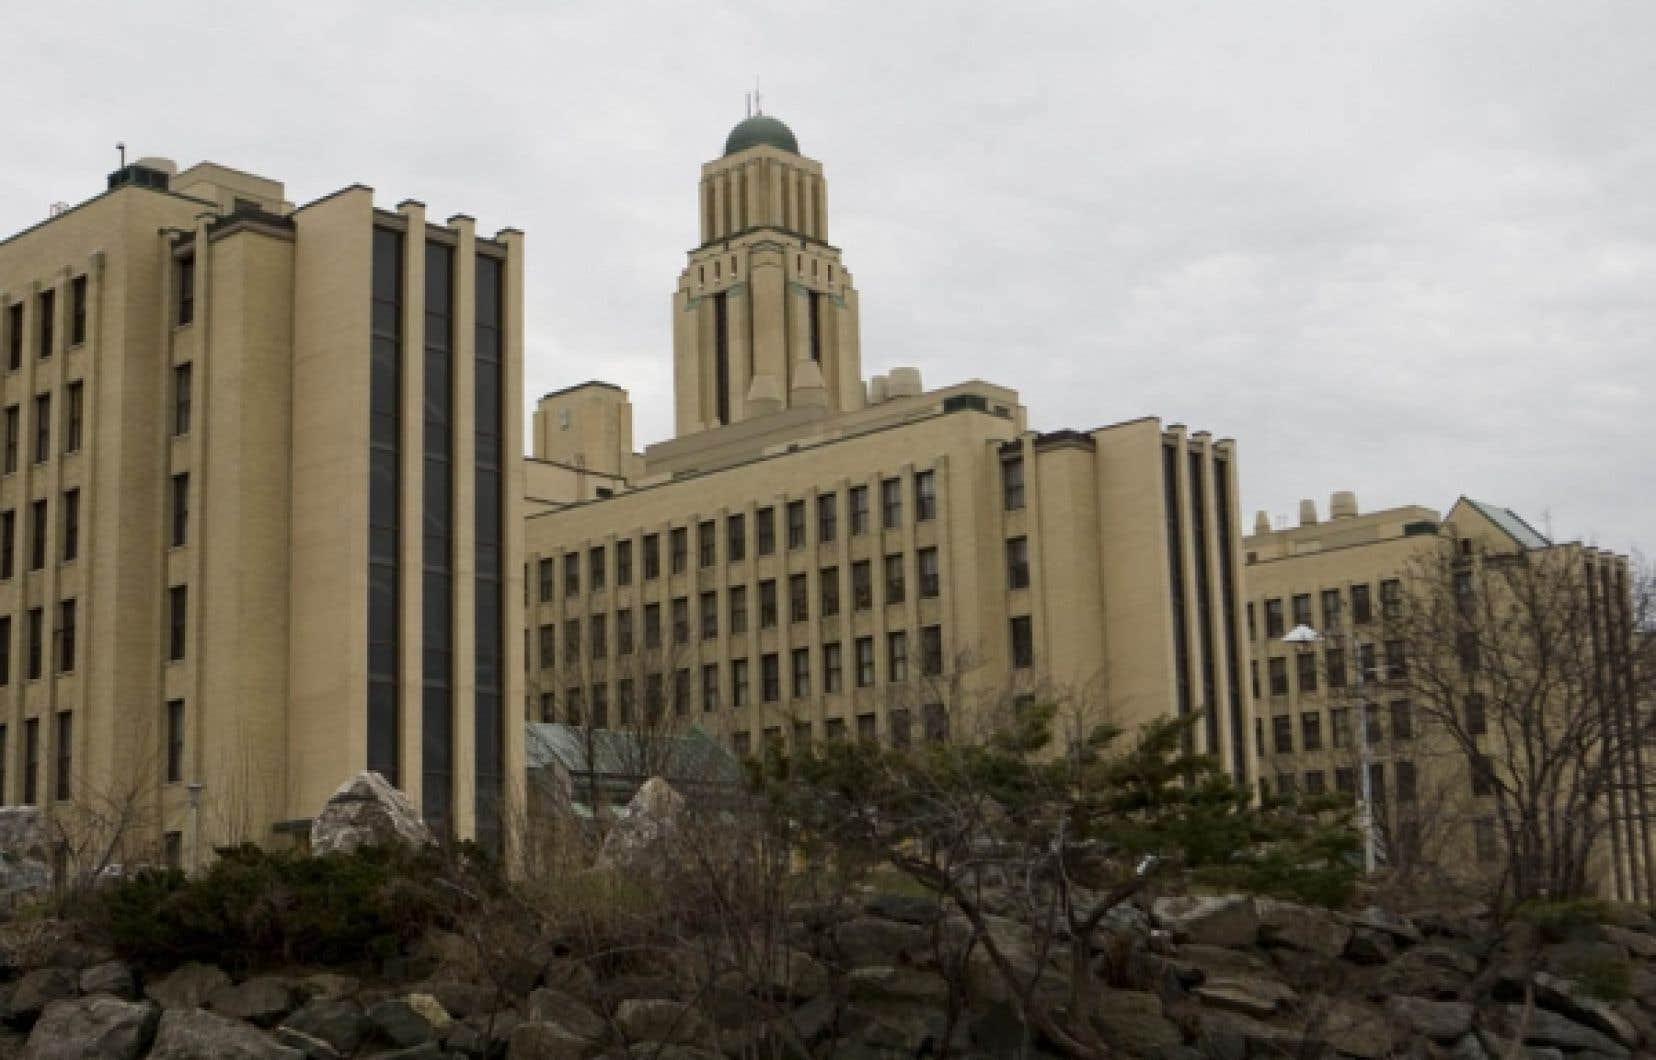 Les universités québécoises pigent de plus en plus dans leur budget de fonctionnement, lié aux activités de recherche et d'enseignement, pour financer le béton de leurs installations